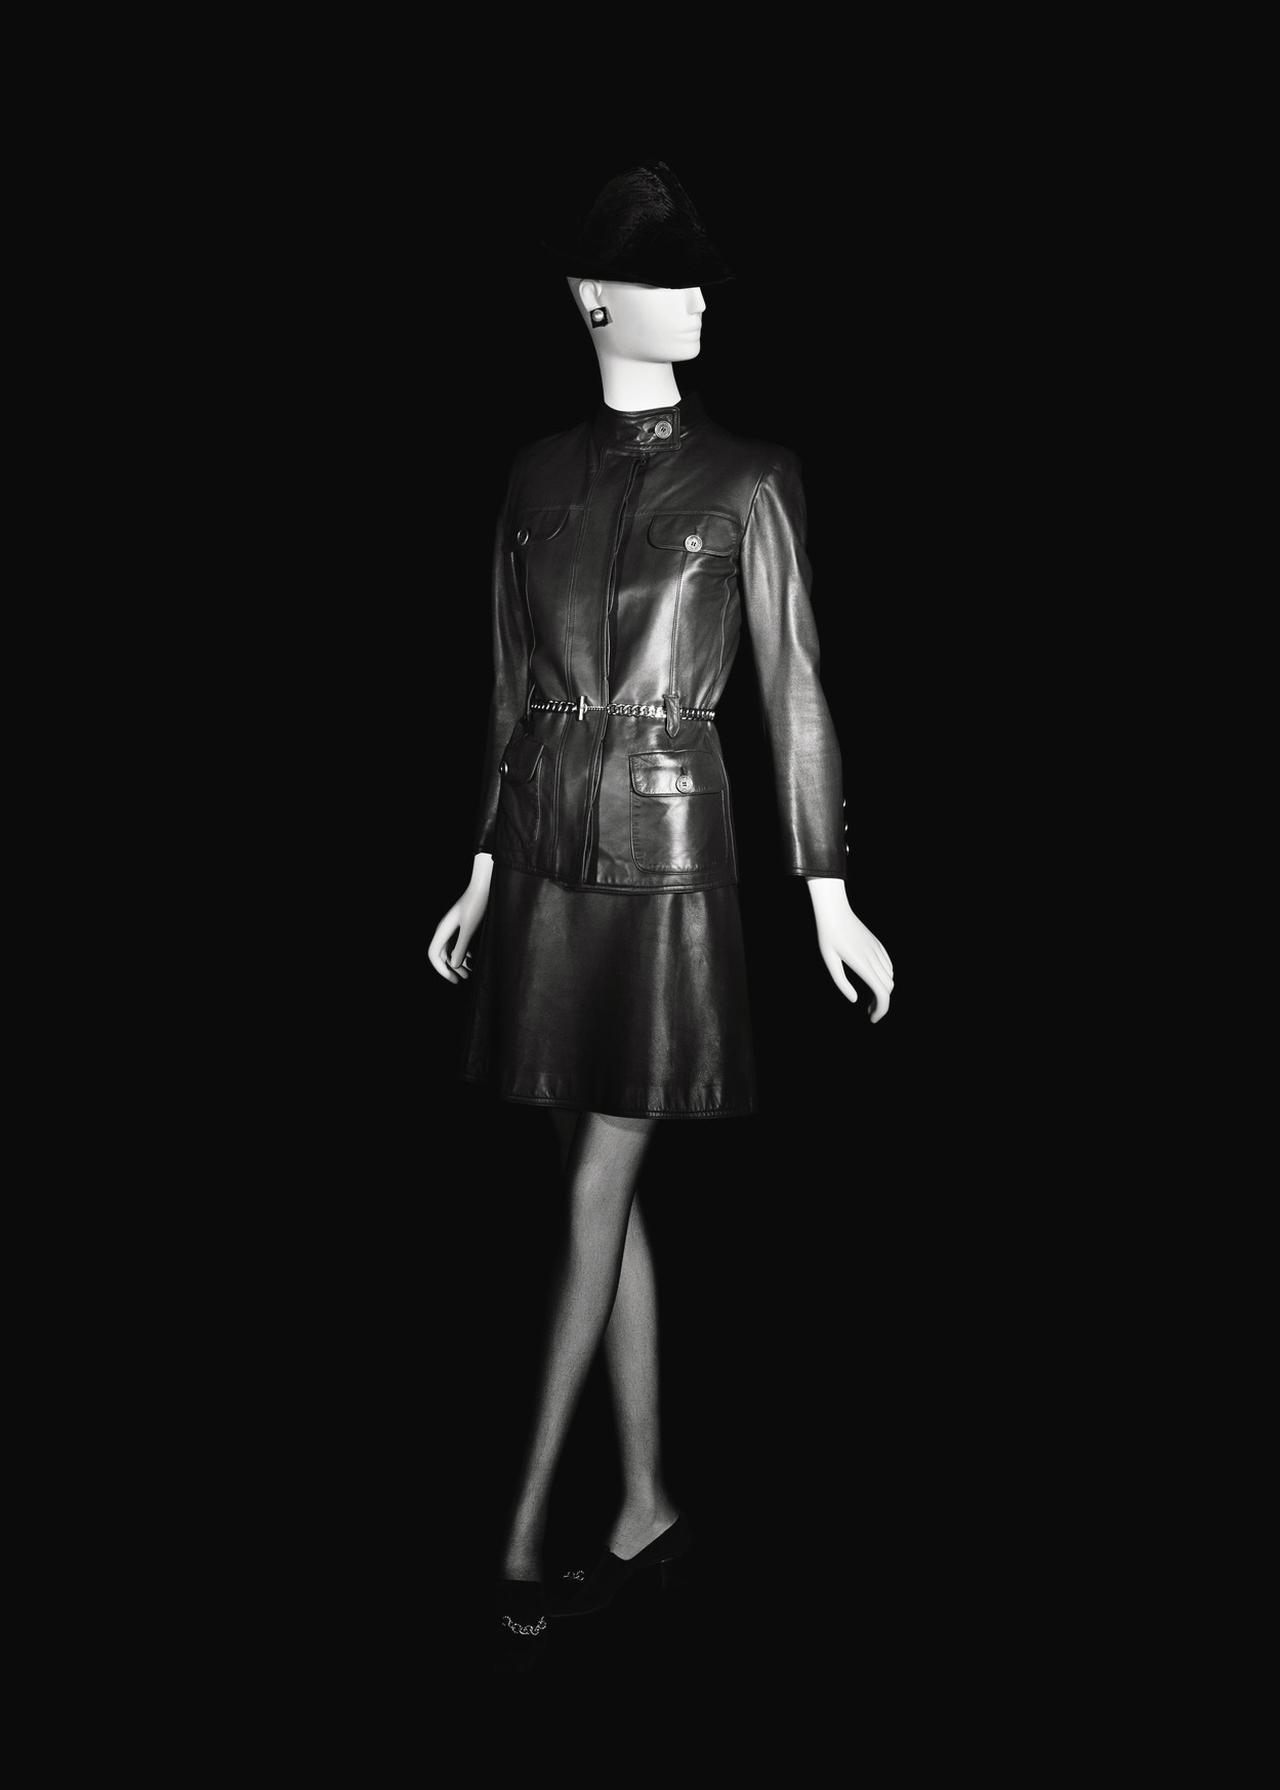 Images : 4番目の画像 - 「サンローランの 新クリエイティブ・ディレクター メゾンについて語る」のアルバム - T JAPAN:The New York Times Style Magazine 公式サイト